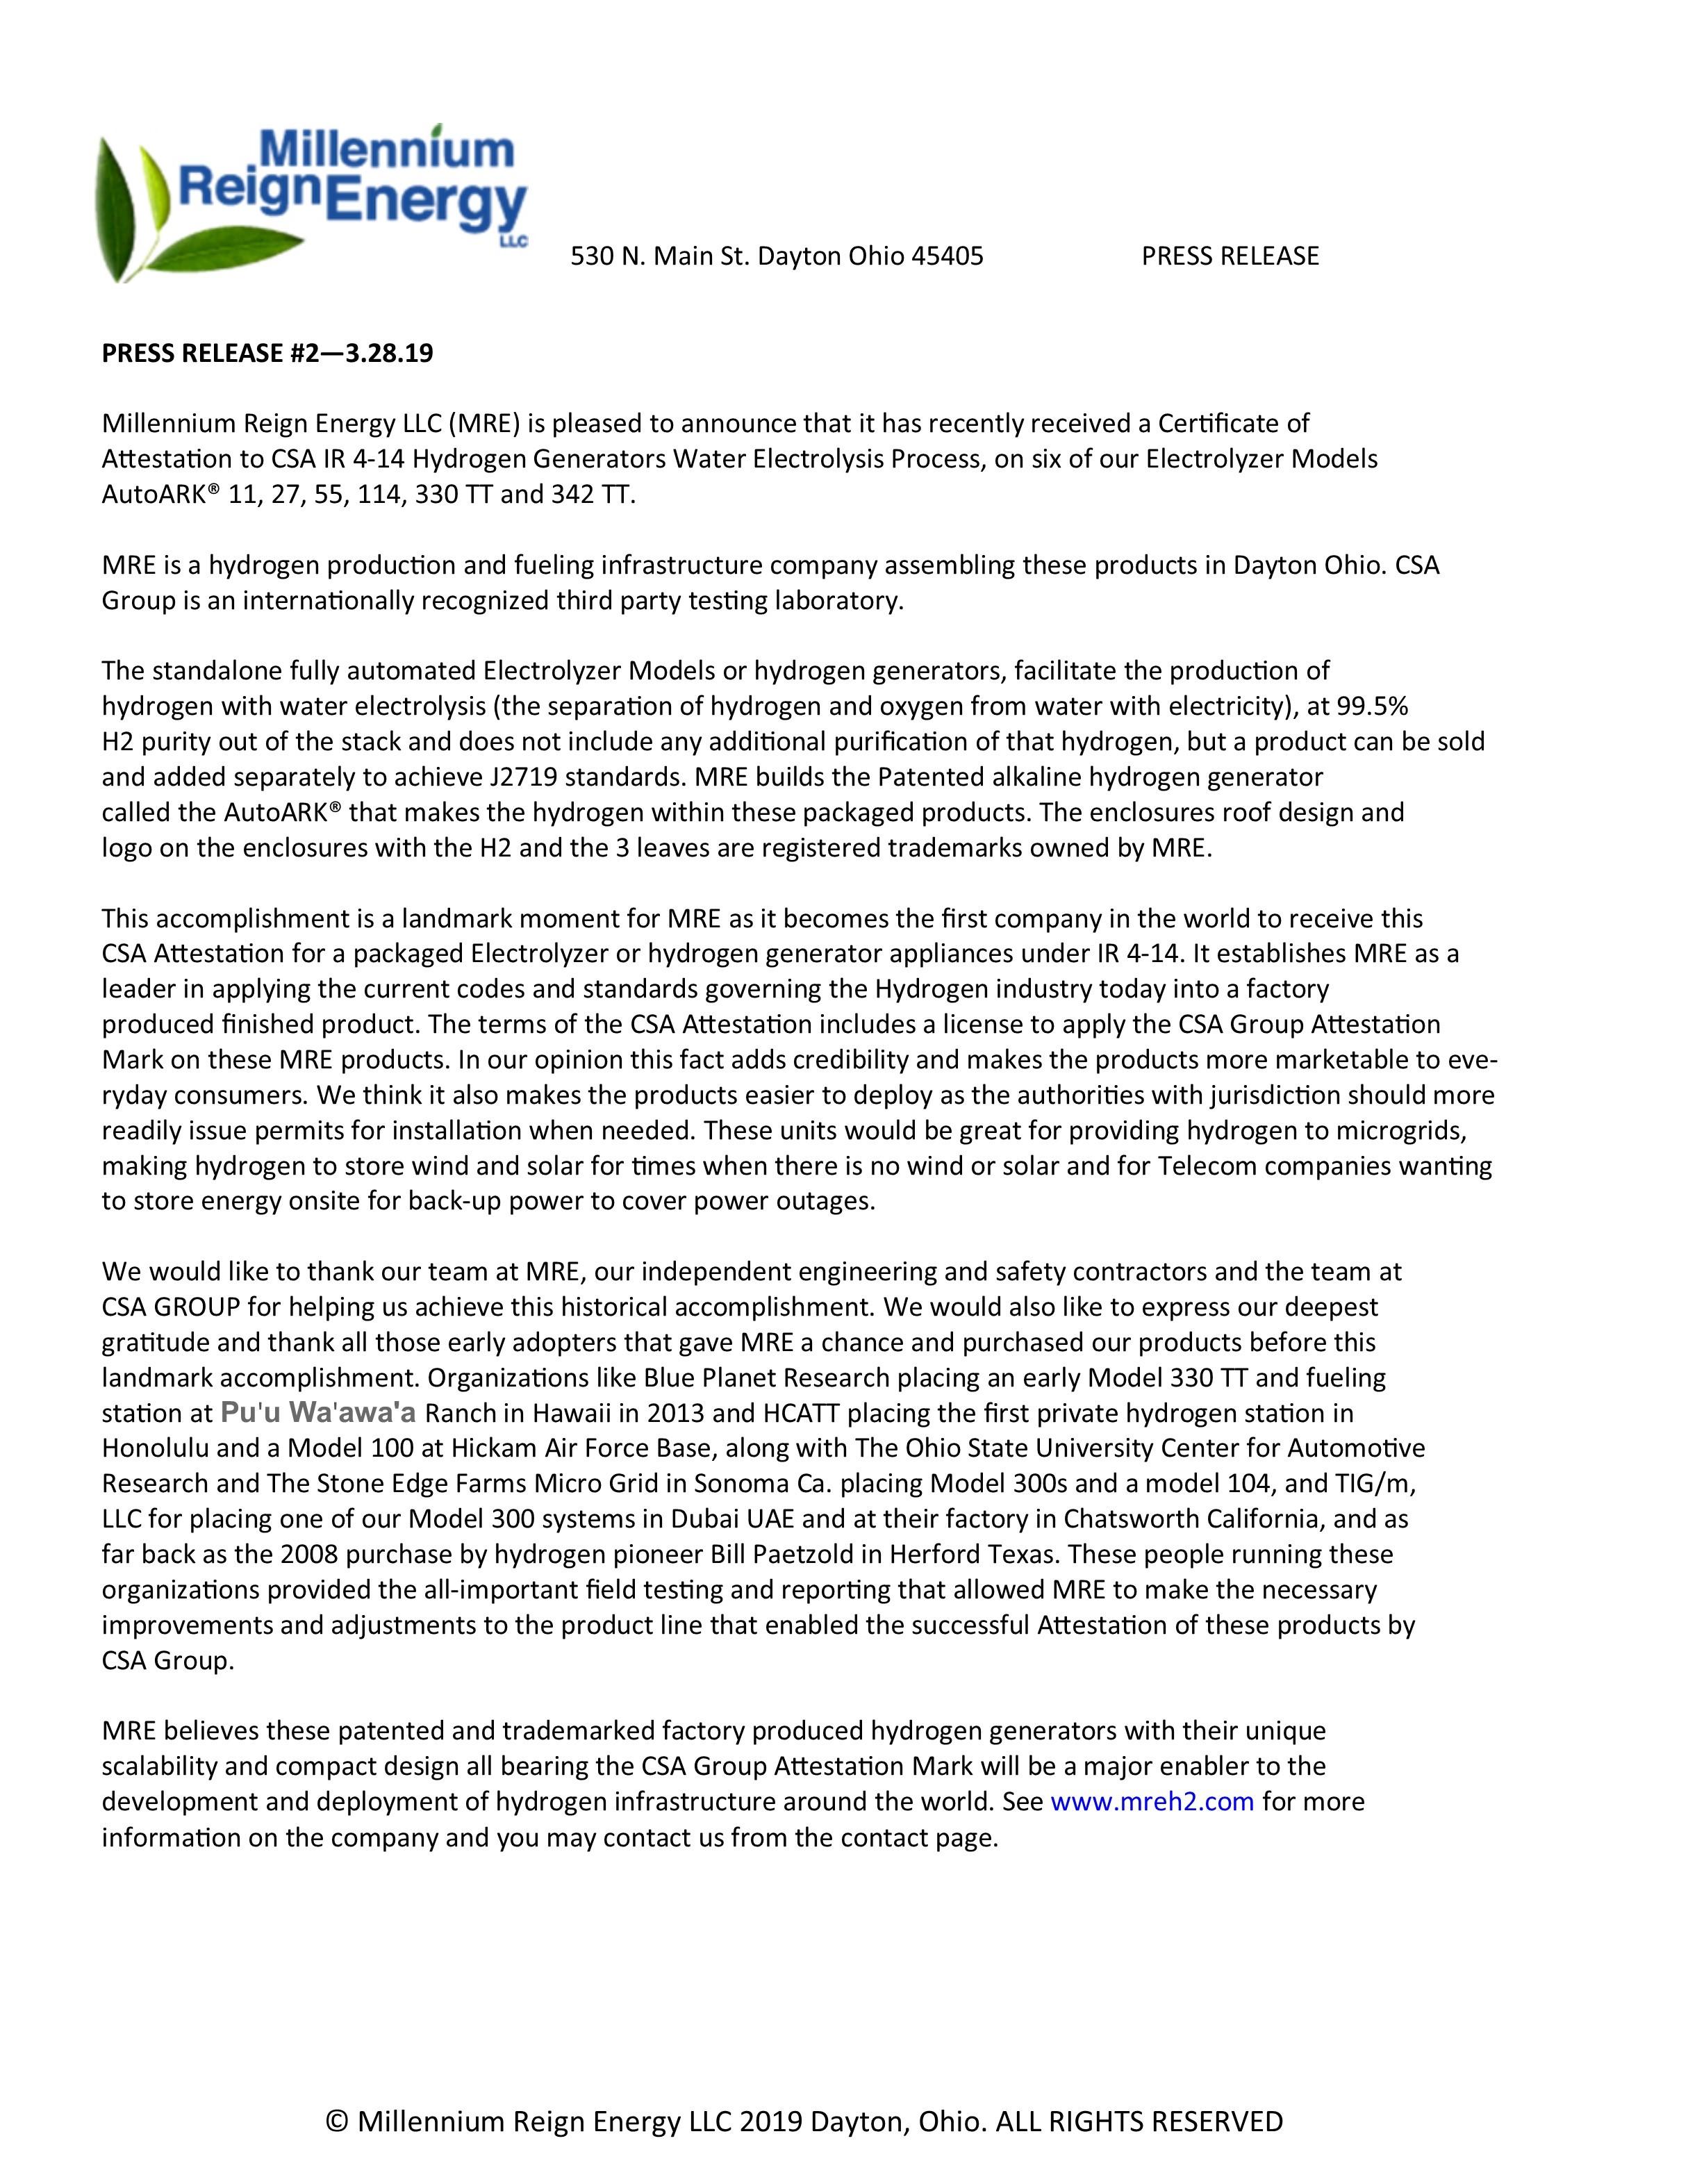 press release #2 3.28.19.jpg